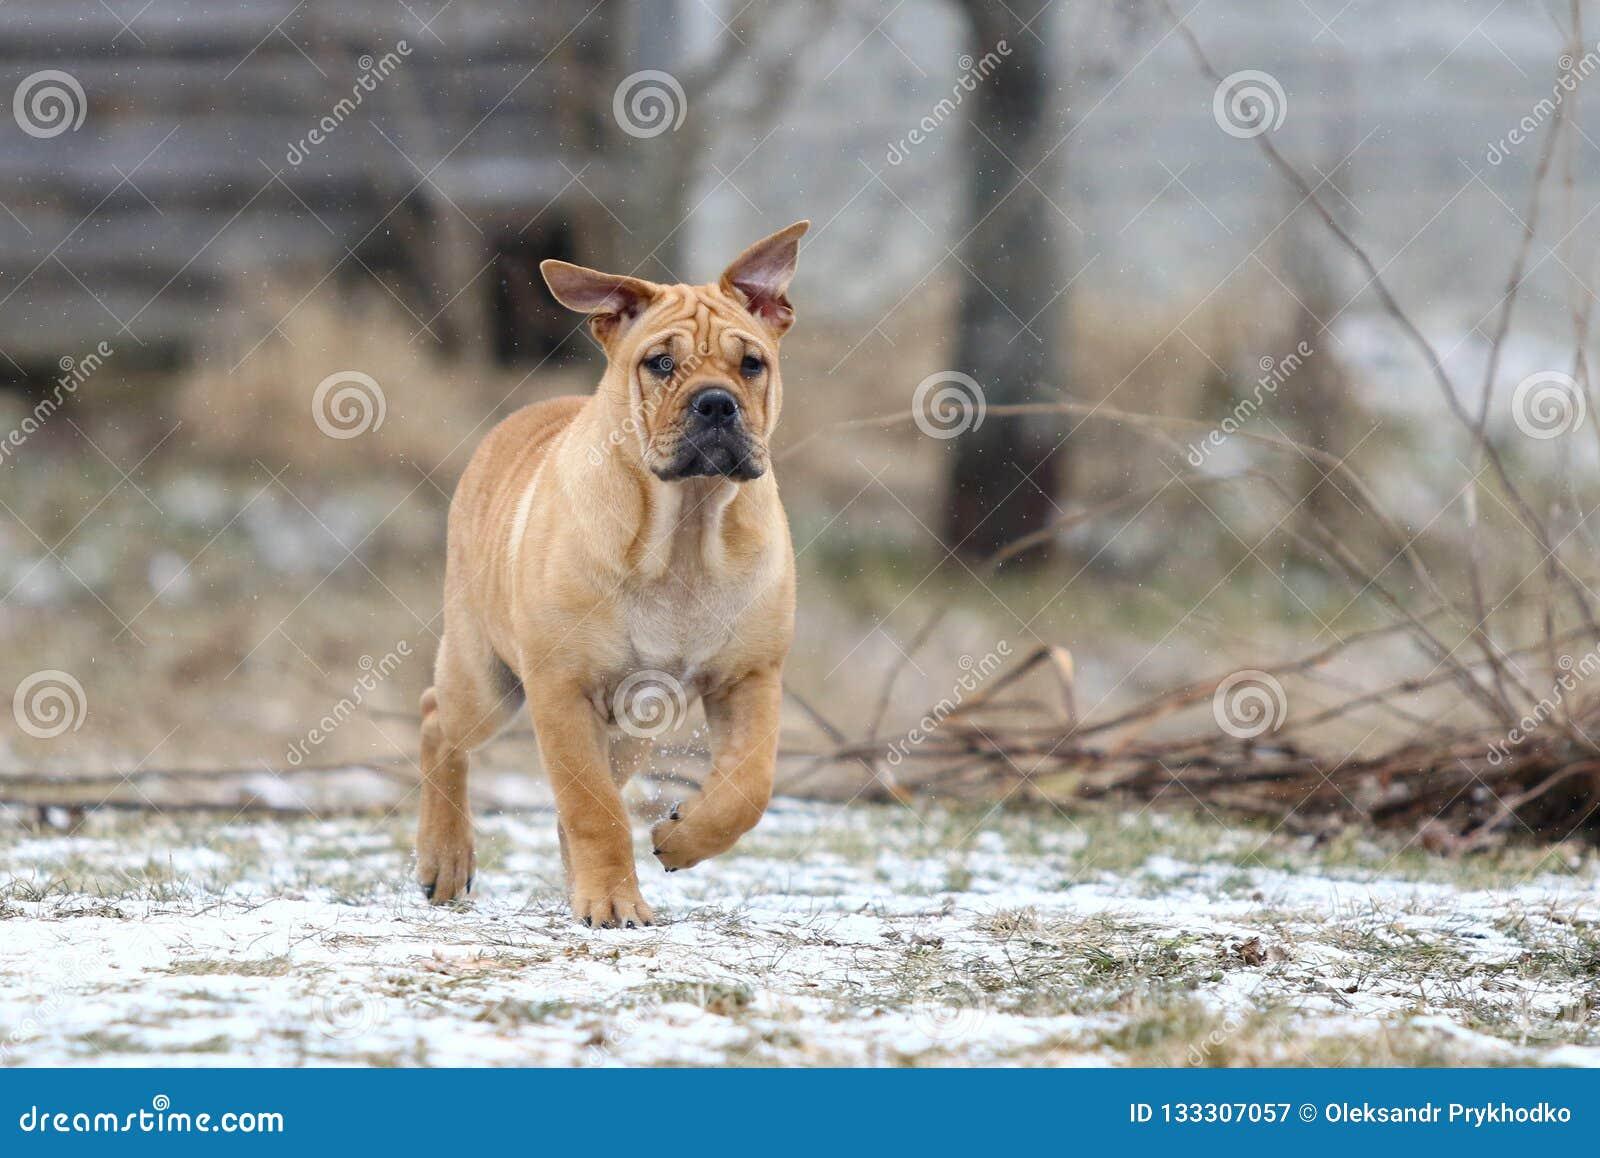 Ca de Bou Mallorquin Mastiff puppy dog